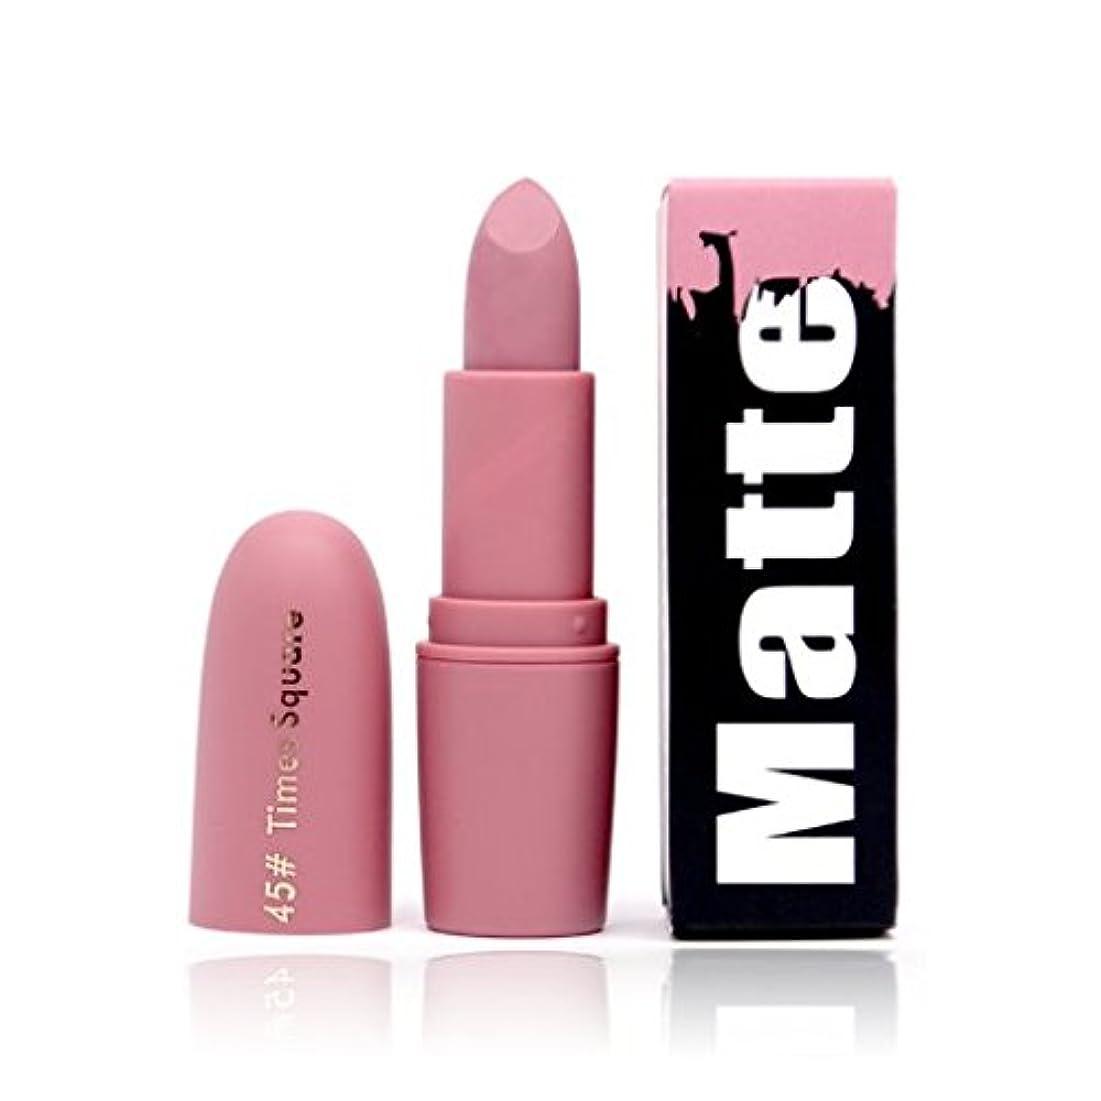 肥満シニス驚いたことにBeauty Matte Moisturizing Lipstick Makeup Lipsticks Lip Stick Waterproof Lipgloss Mate Lipsticks Cosmetic